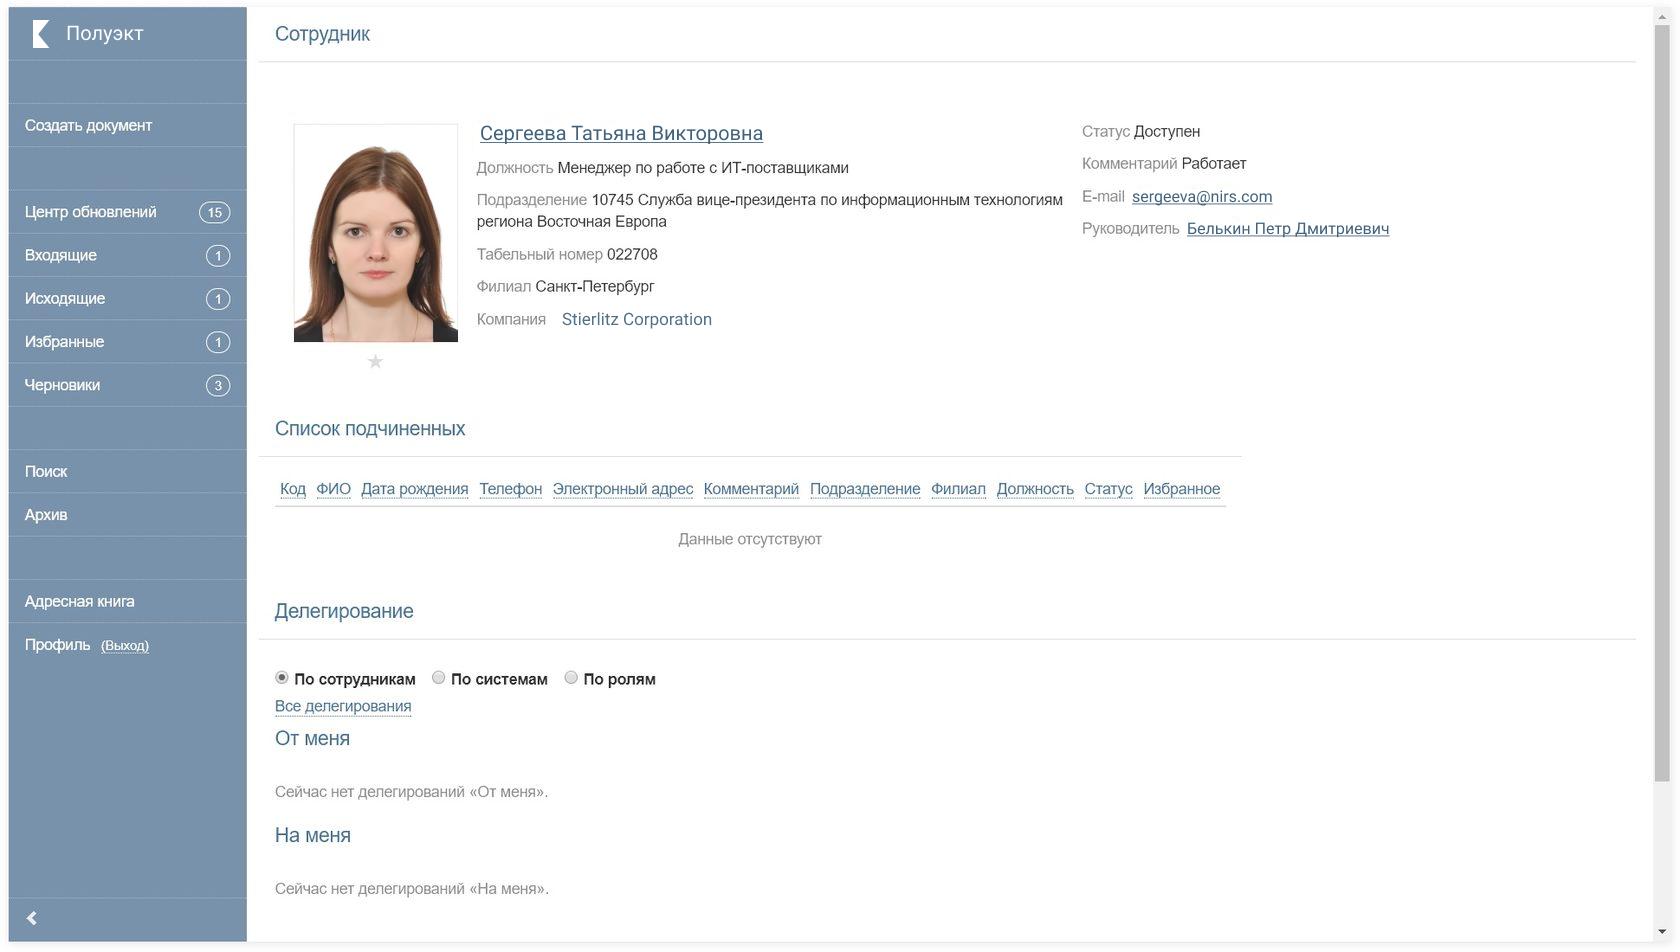 Первичное представление карточки сотрудника | SobakaPav.ru